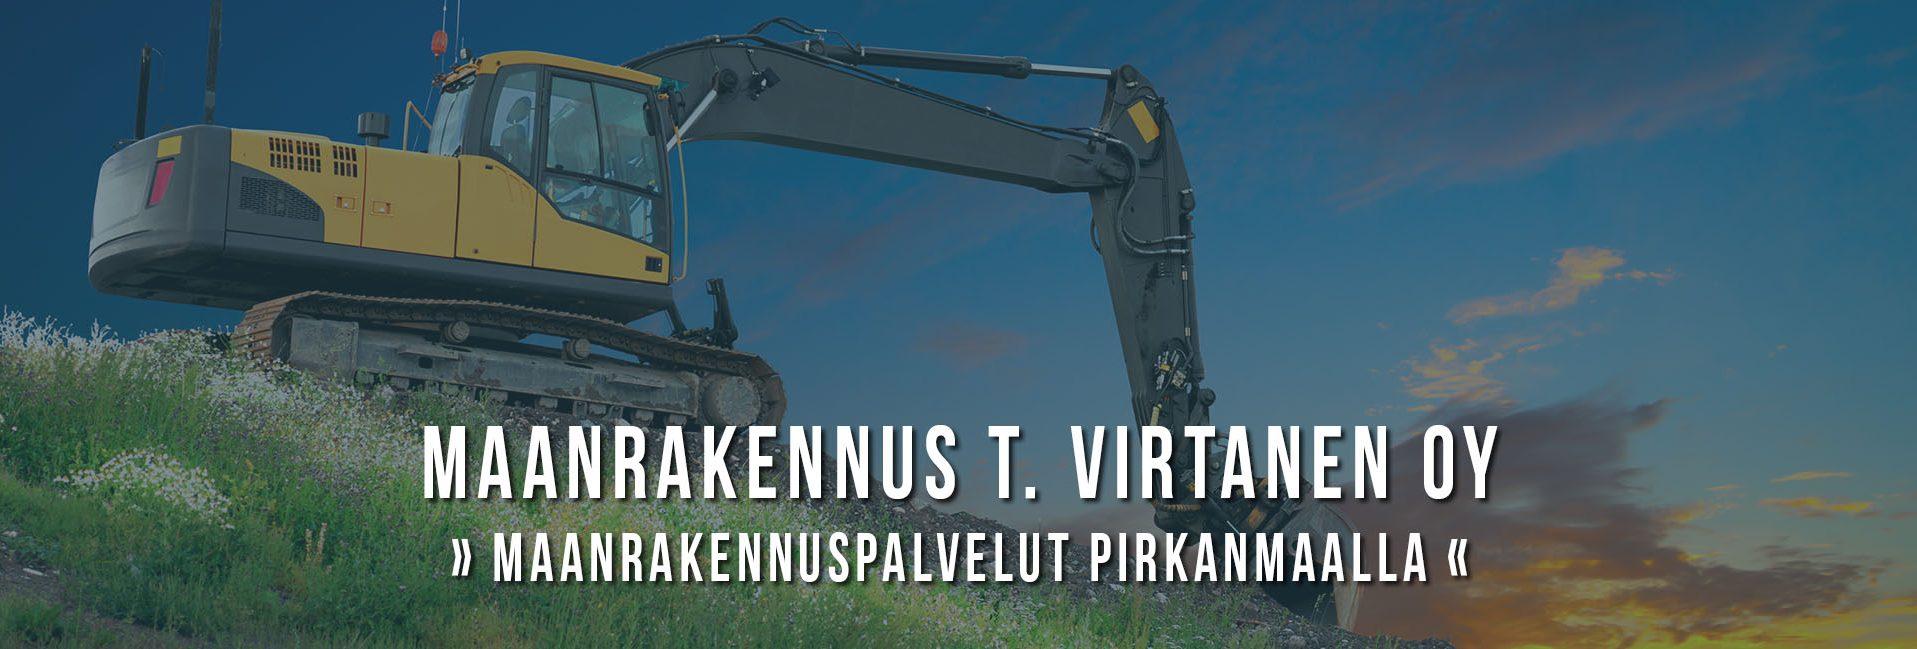 Maanrakennuspalvelu Pirkanmaalla • Maanrakennus Virtanen, Tampere